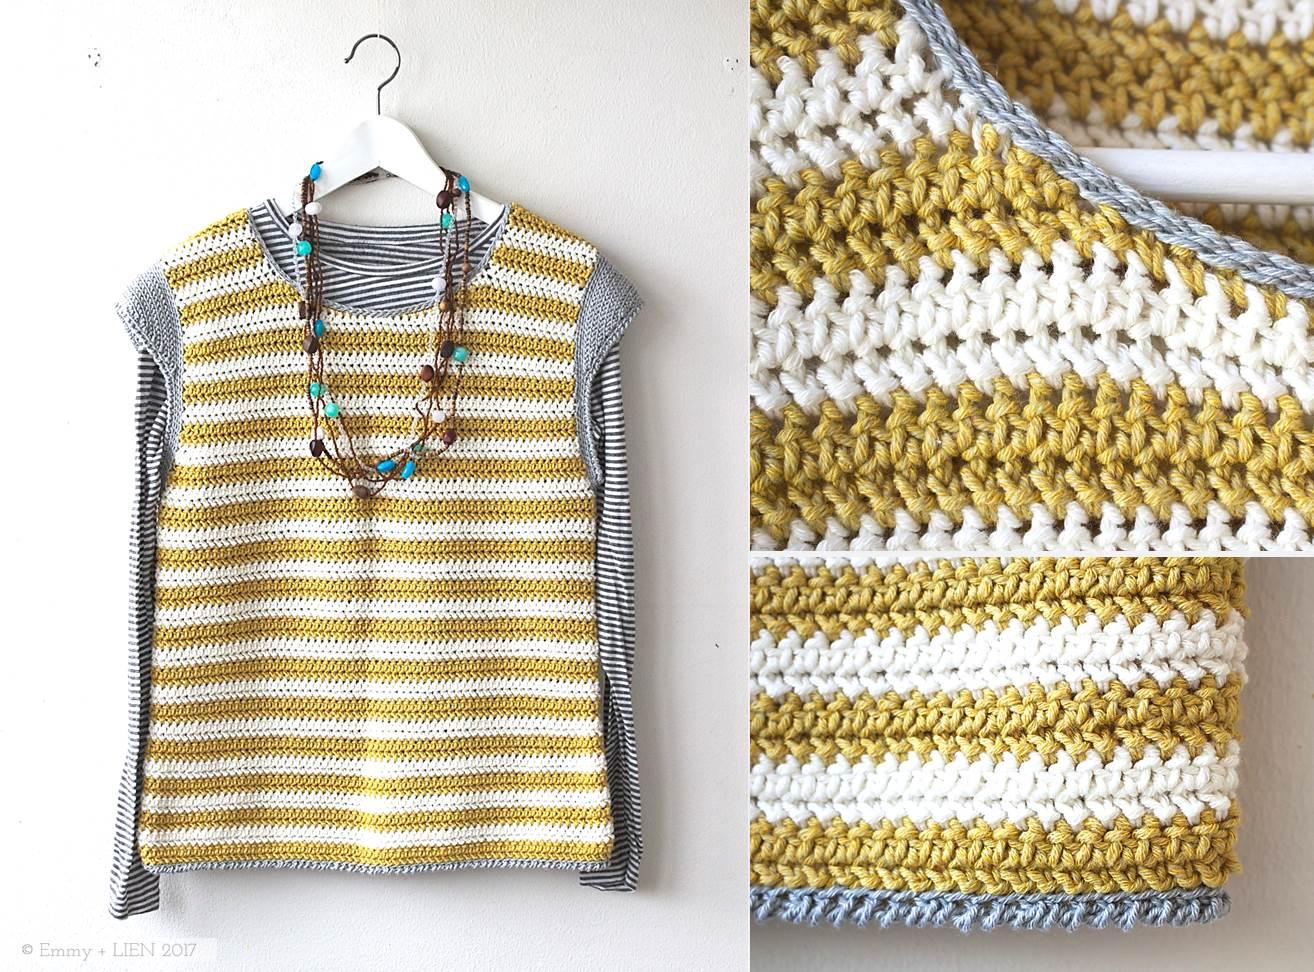 Bretonbone Top | a crochet pattern